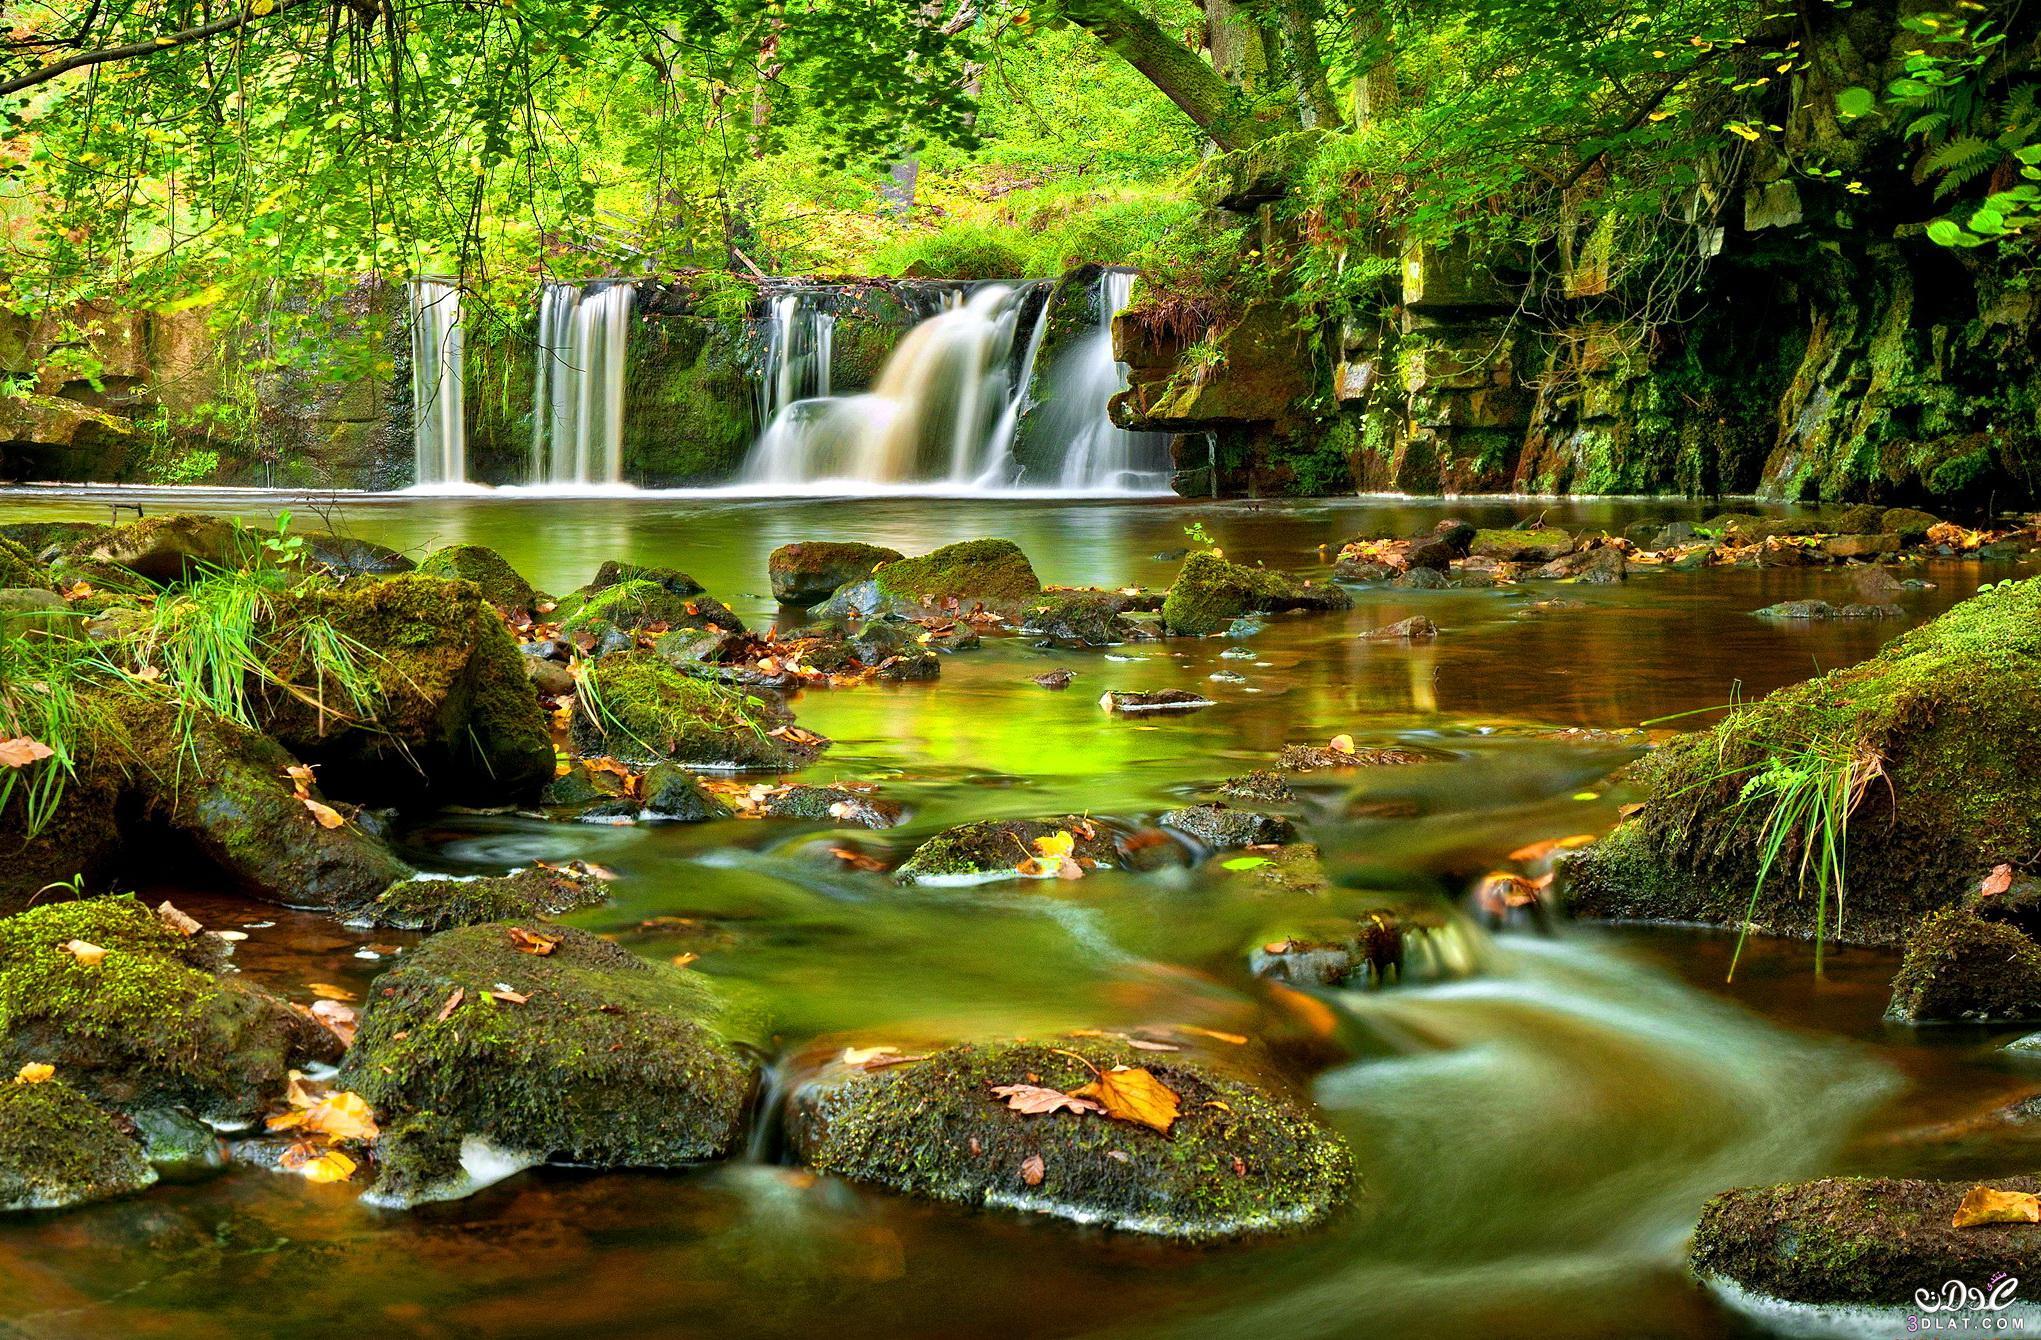 اجمل صور الطبيعة الخلابة 14